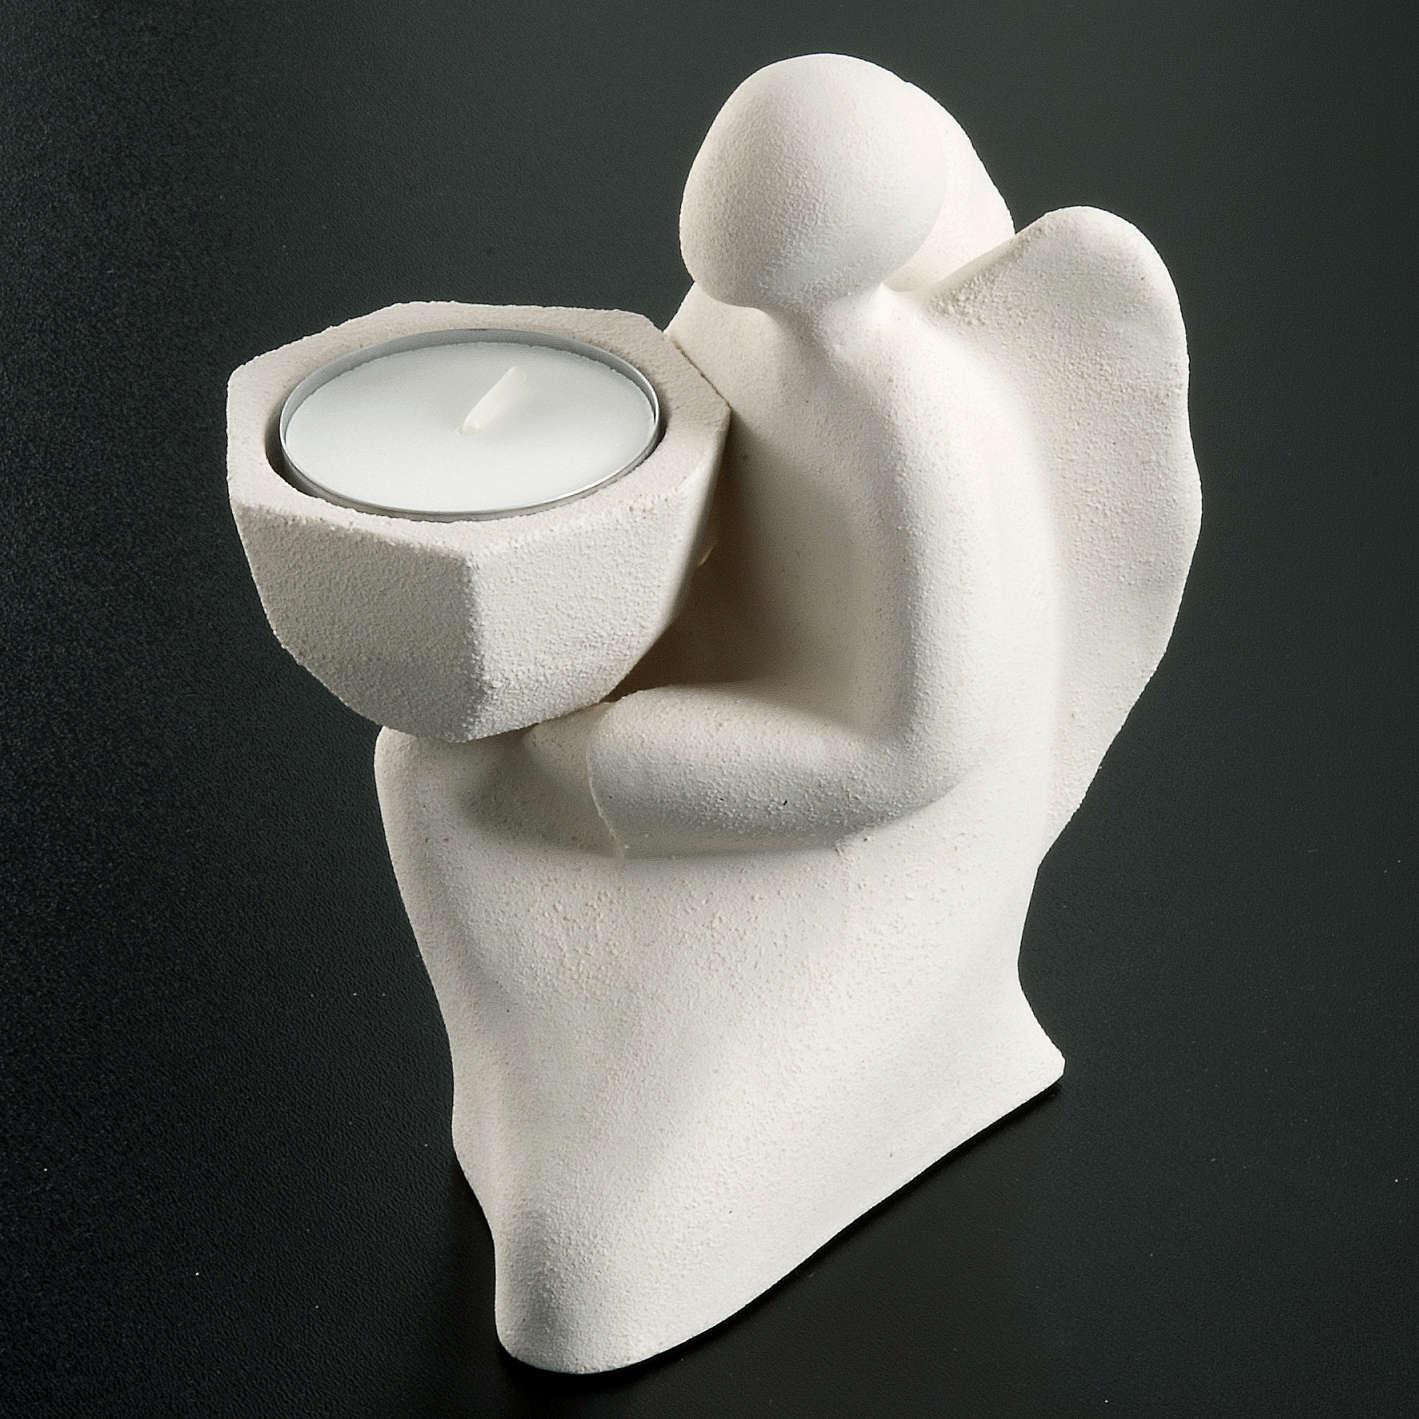 Angelo Adorazione bianco argilla refrattaria 3